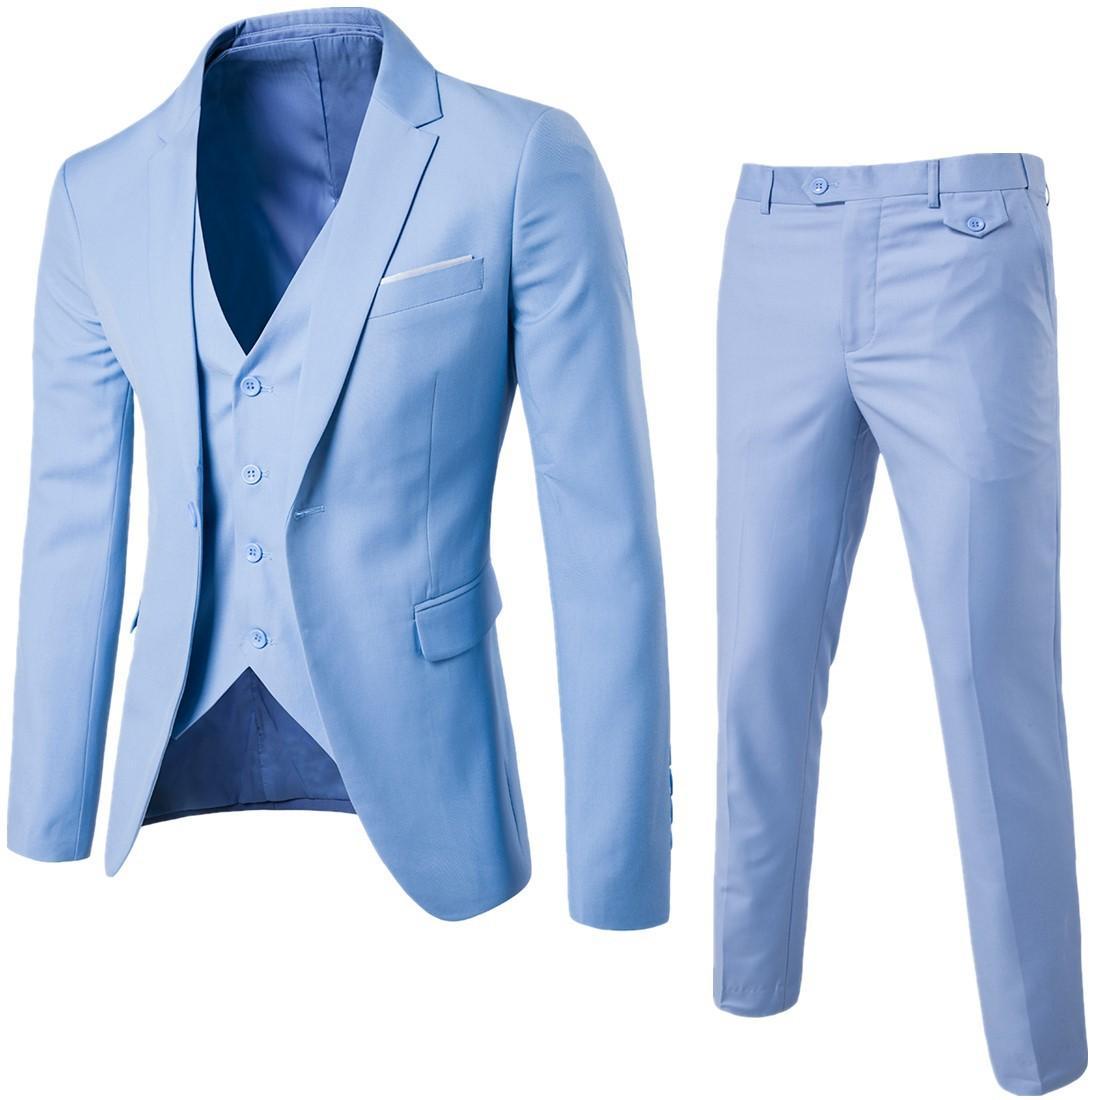 2018 осень нового стиля мужчина вскользь большого размер горячих продавая костюм корейского стиля Slim Fit костюм из трех частей Молодёжной мода Set